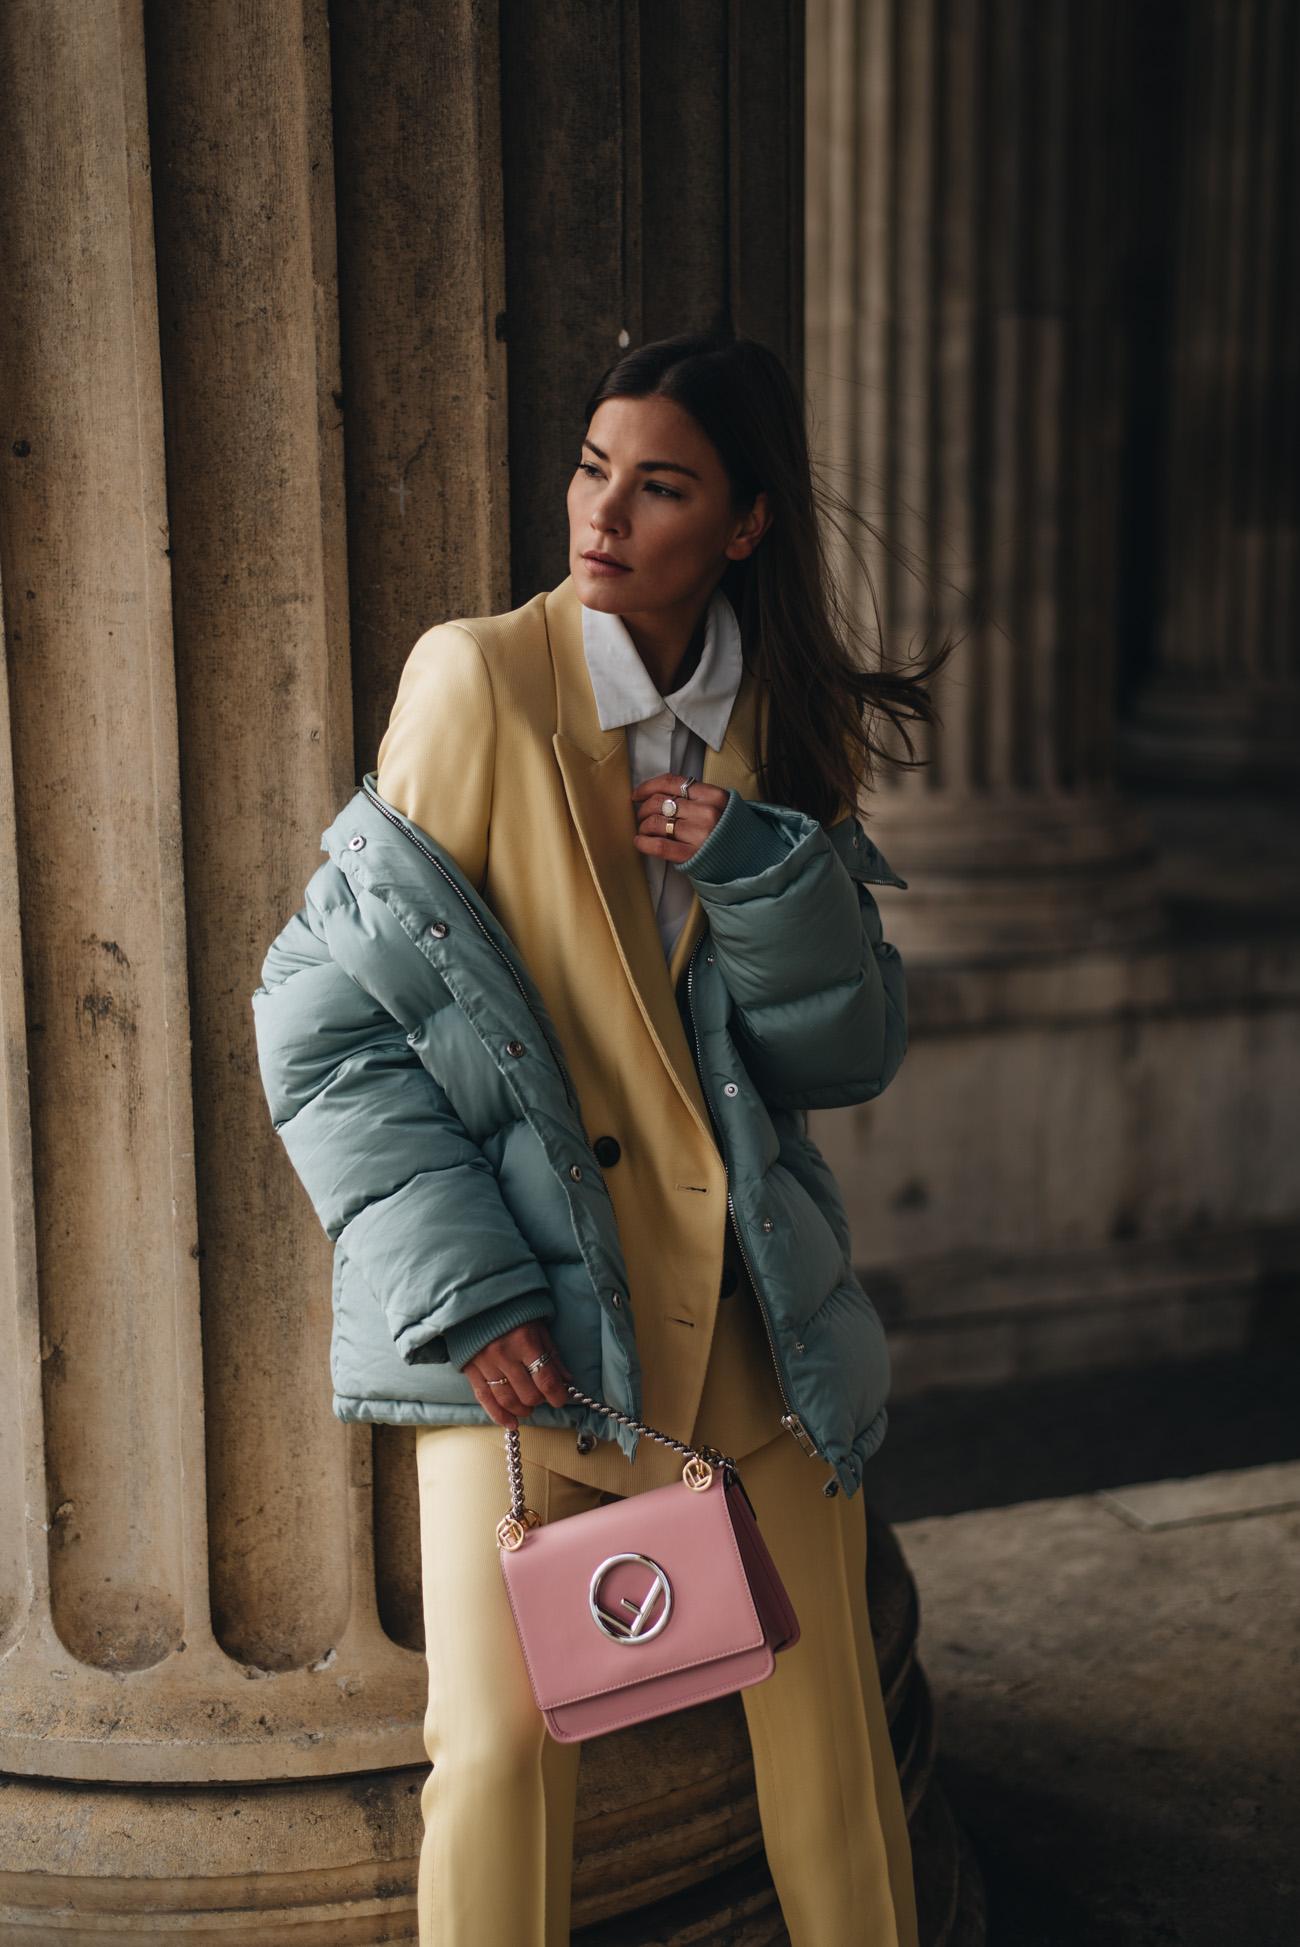 Style-fashion-lifestyle-influencer-germay-nina-schwichtenberg-fashiioncarpet-modebloggerin-fashion-bloggerin-deutschland-München